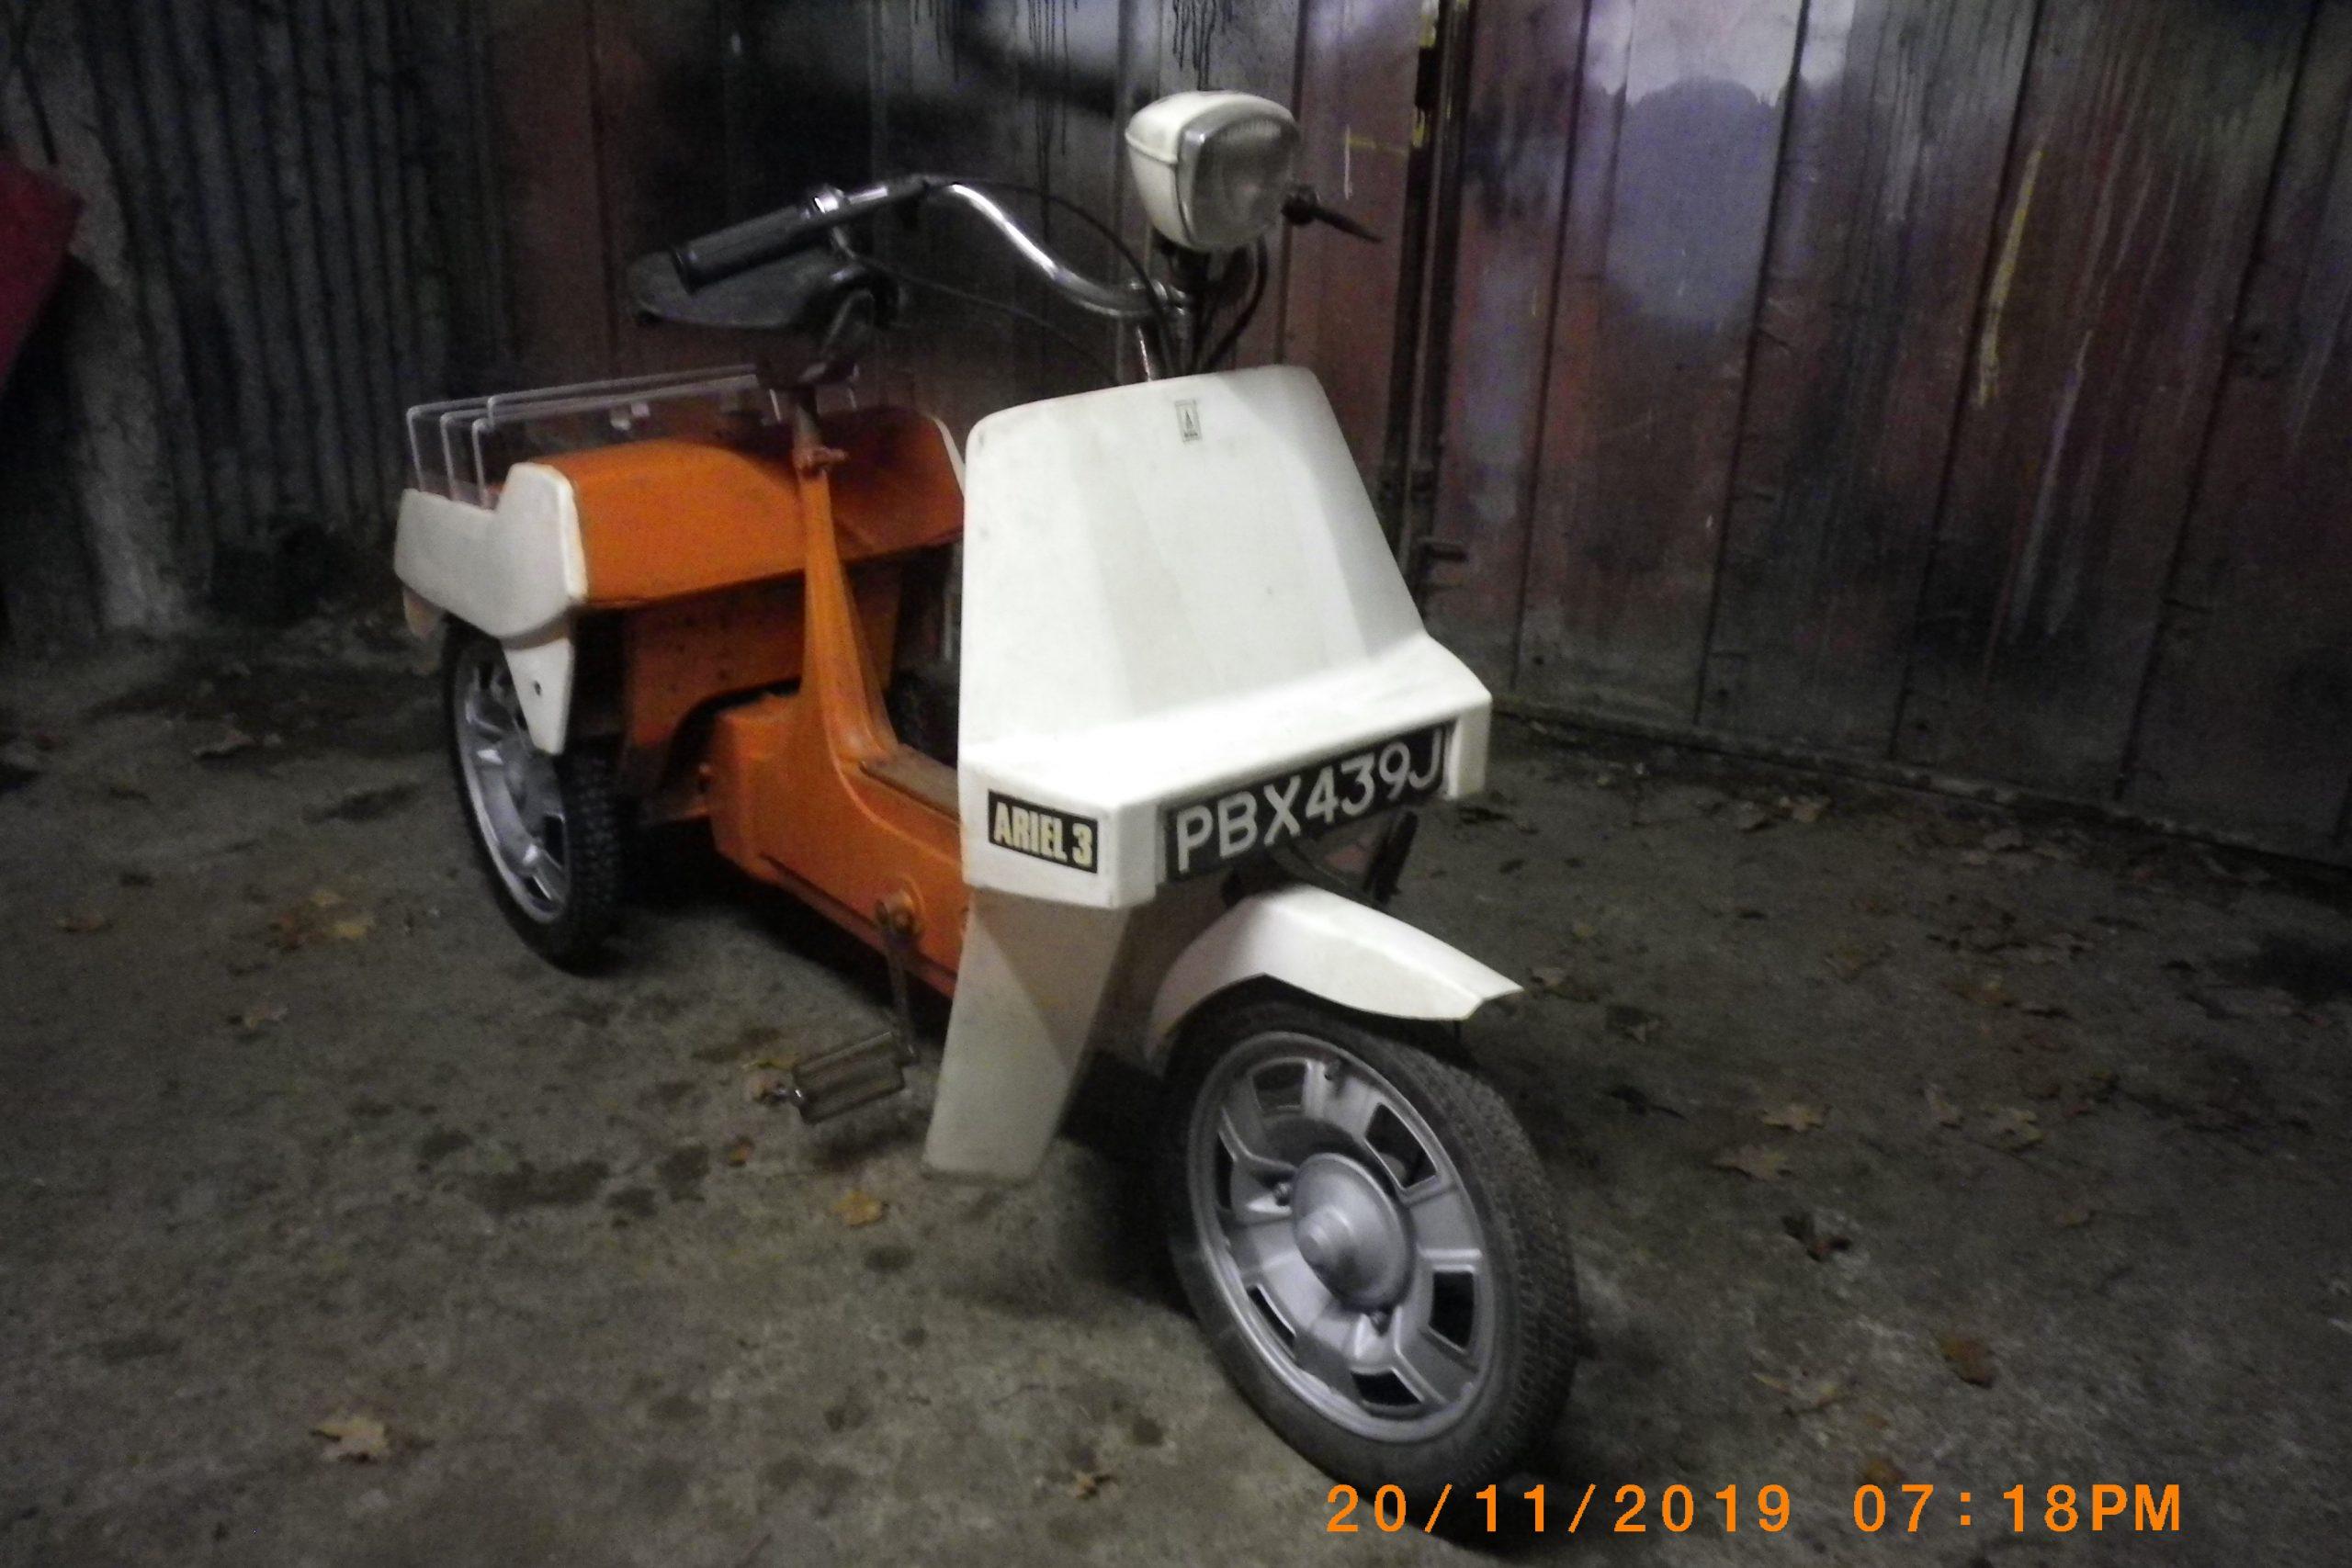 PBX 439 J